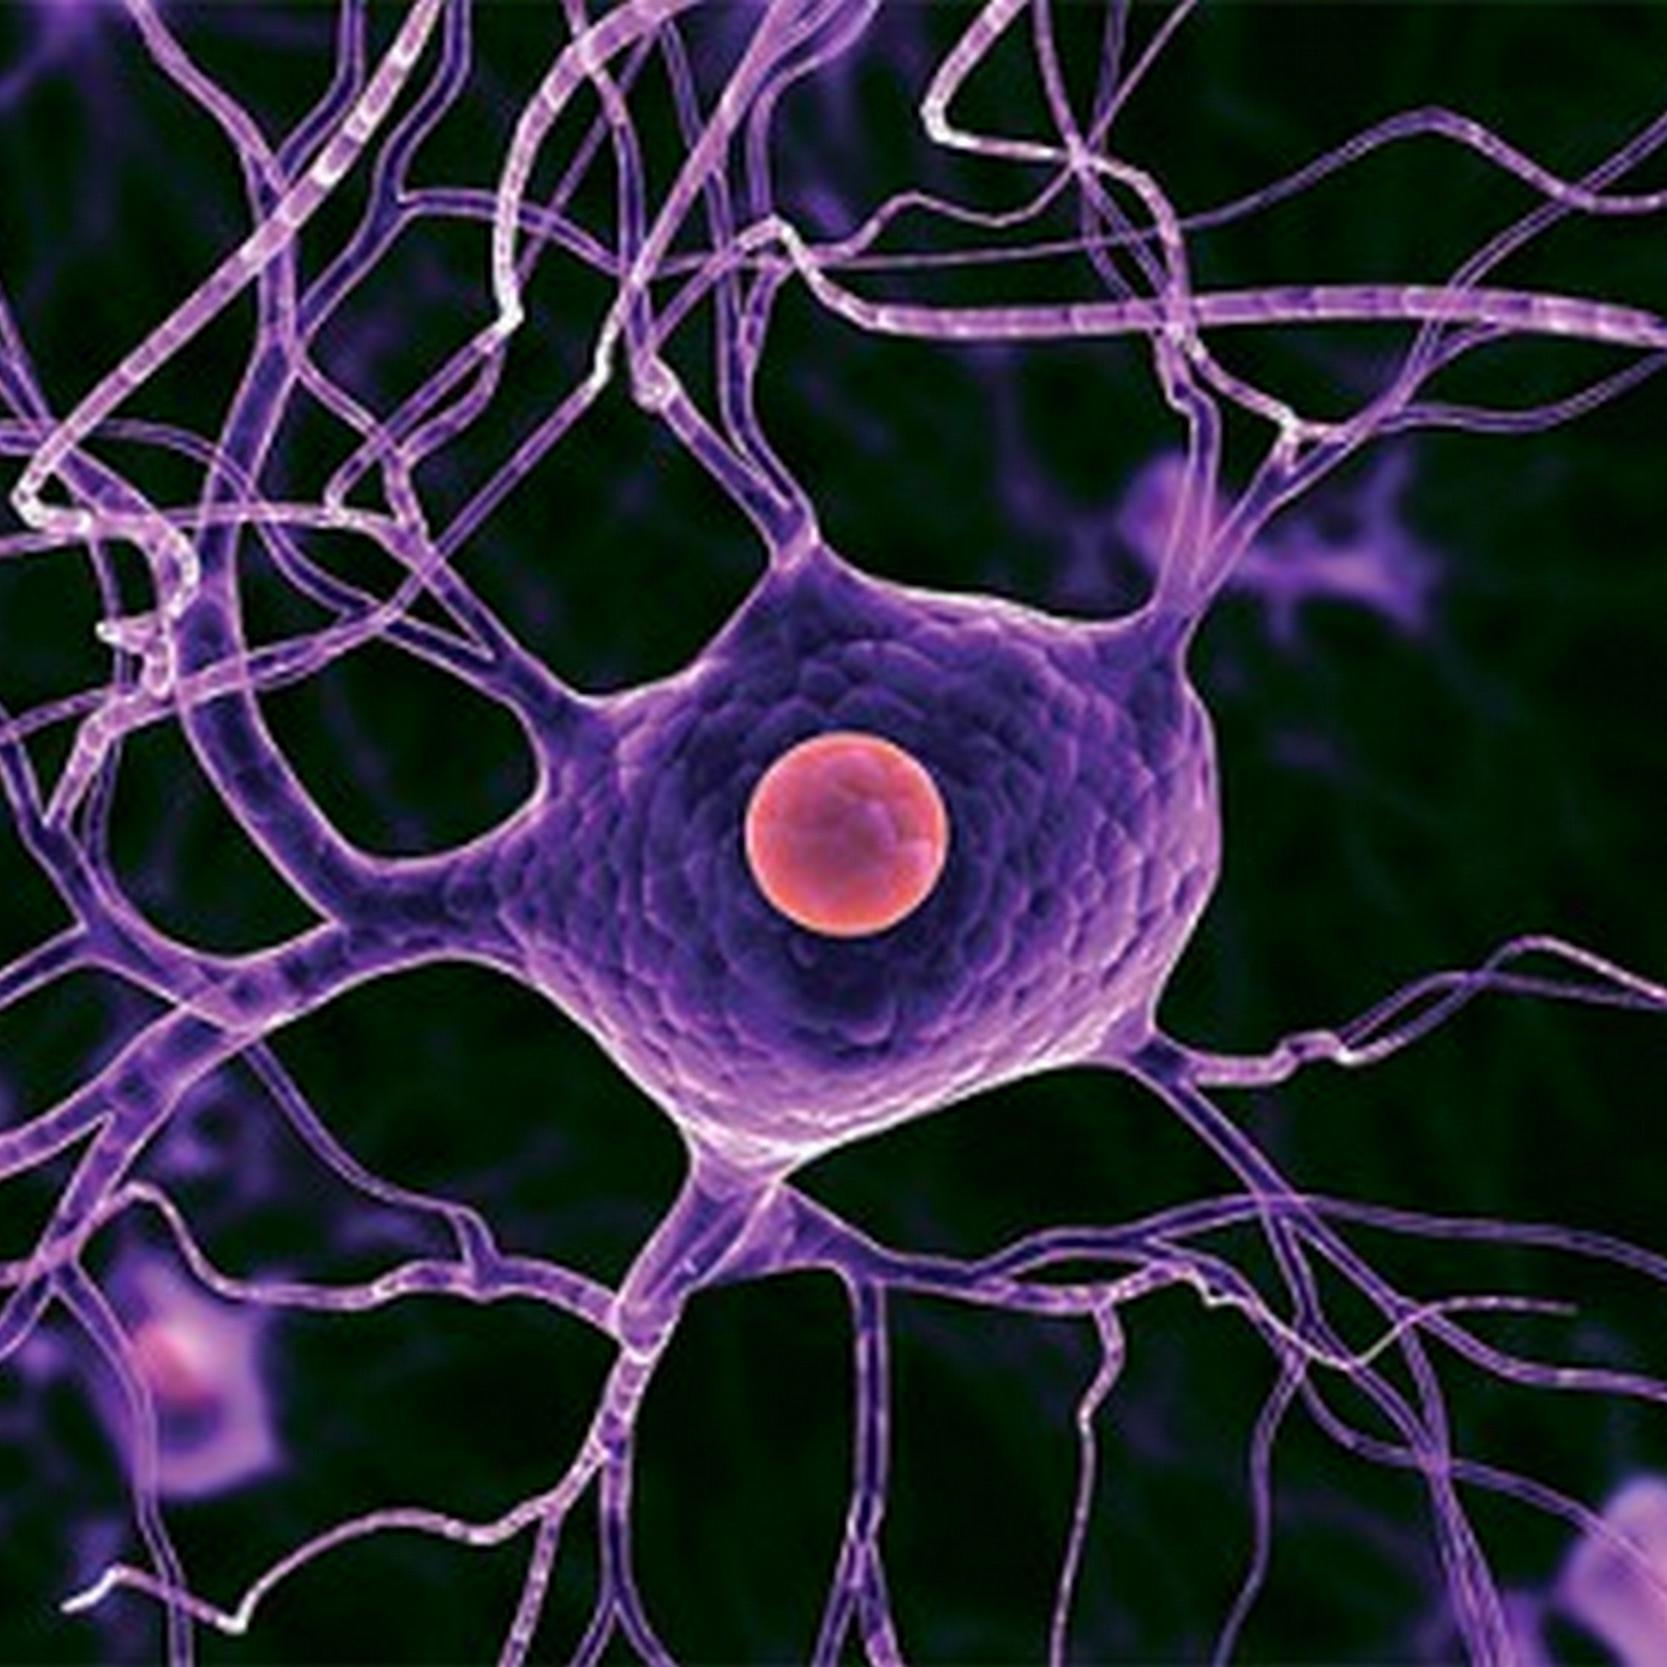 Нервные клетки восстанавливаются секс 12 фотография